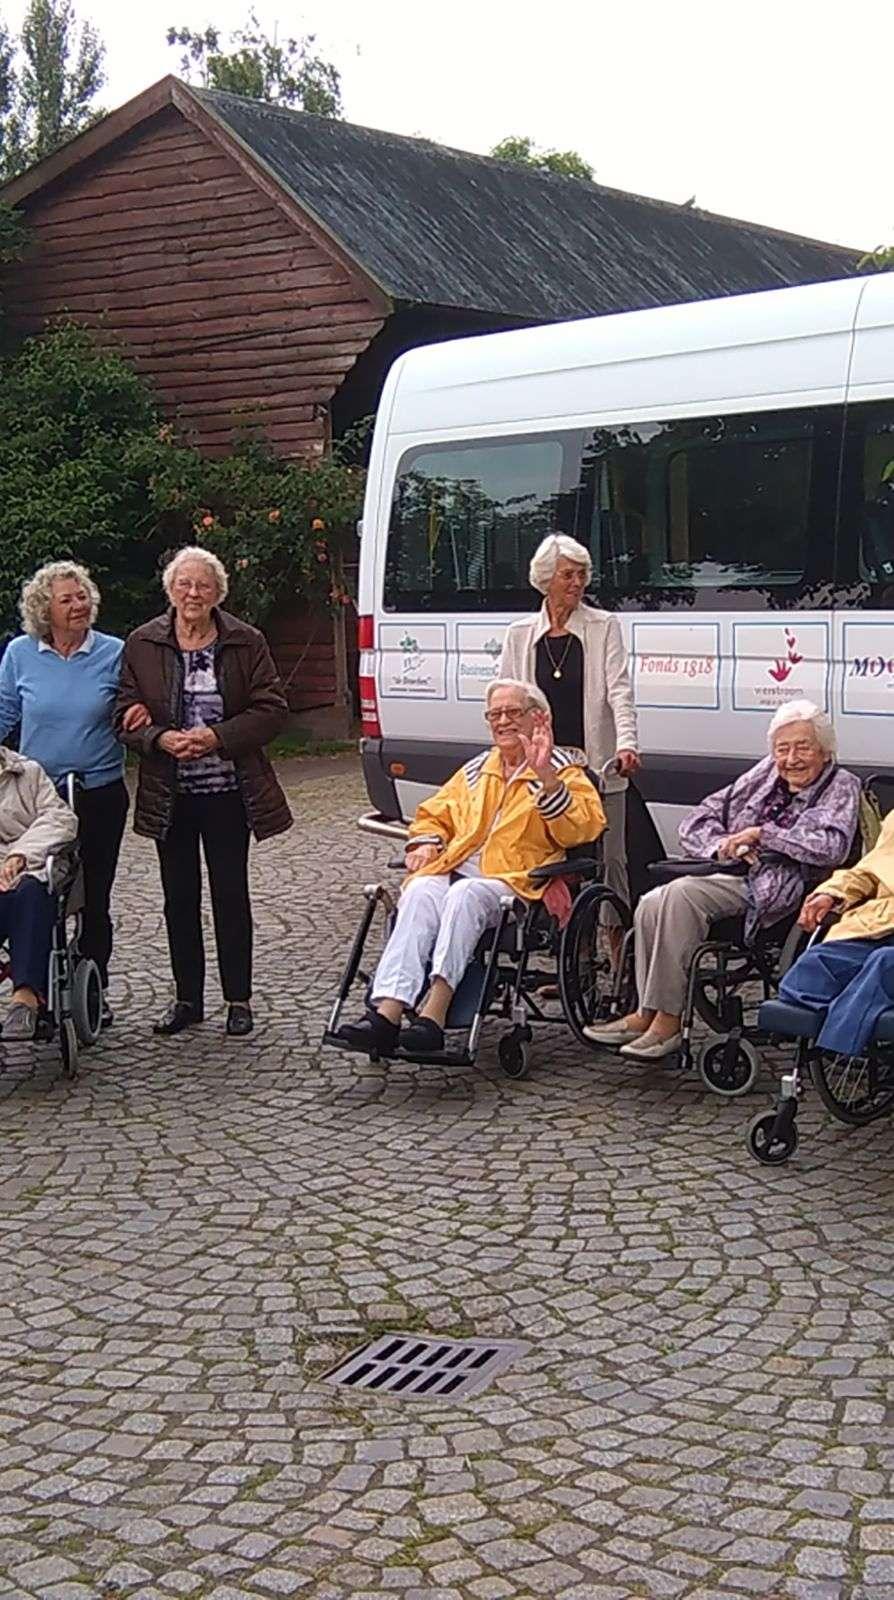 http://uvv-zoetermeer.nl/wp-content/uploads/2017/03/IMAG0027-002.jpg